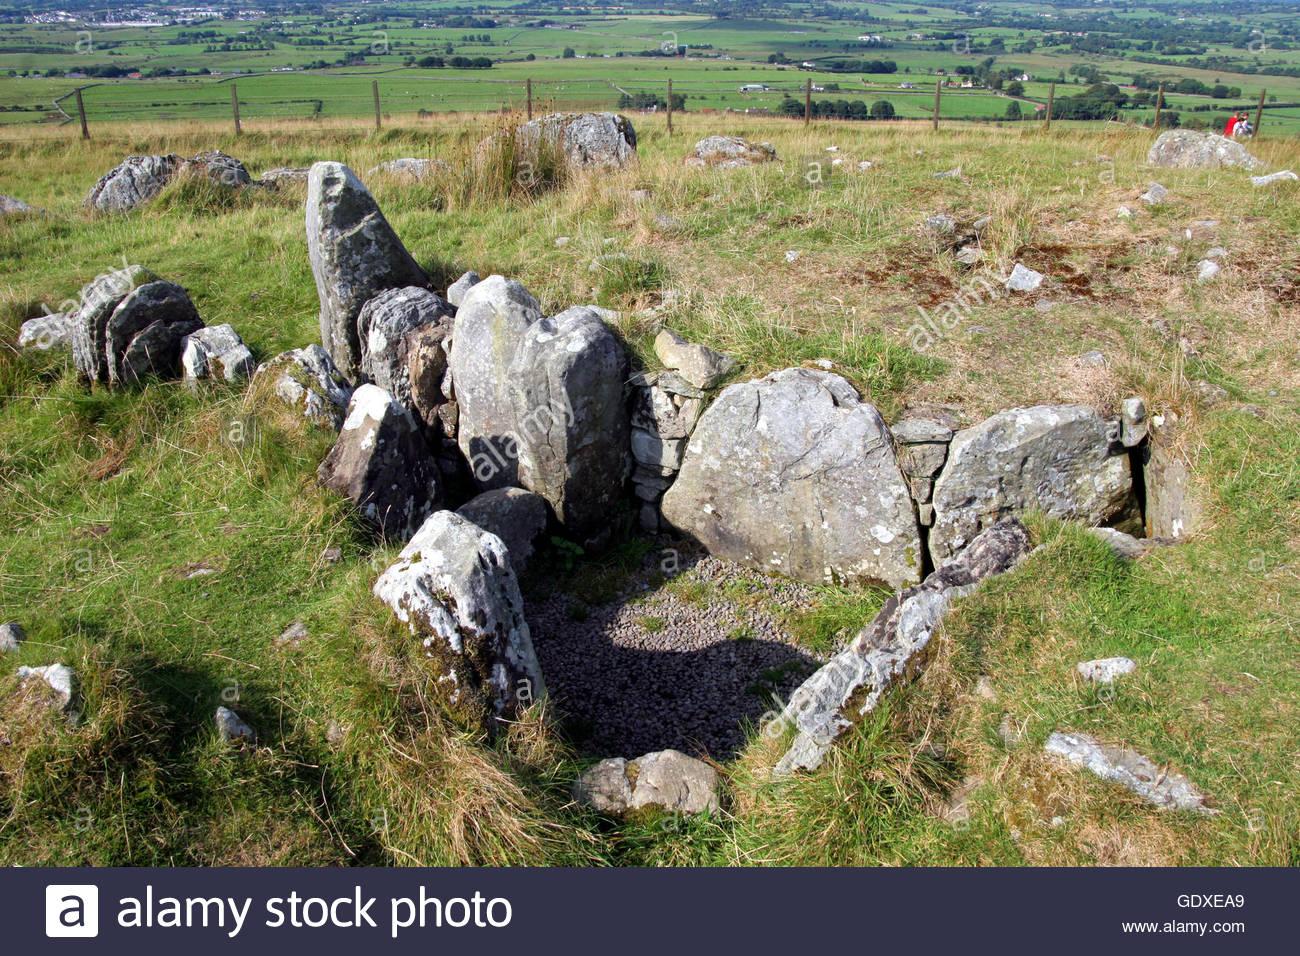 Single women seeking single men in Meath - Spark! - Irelands